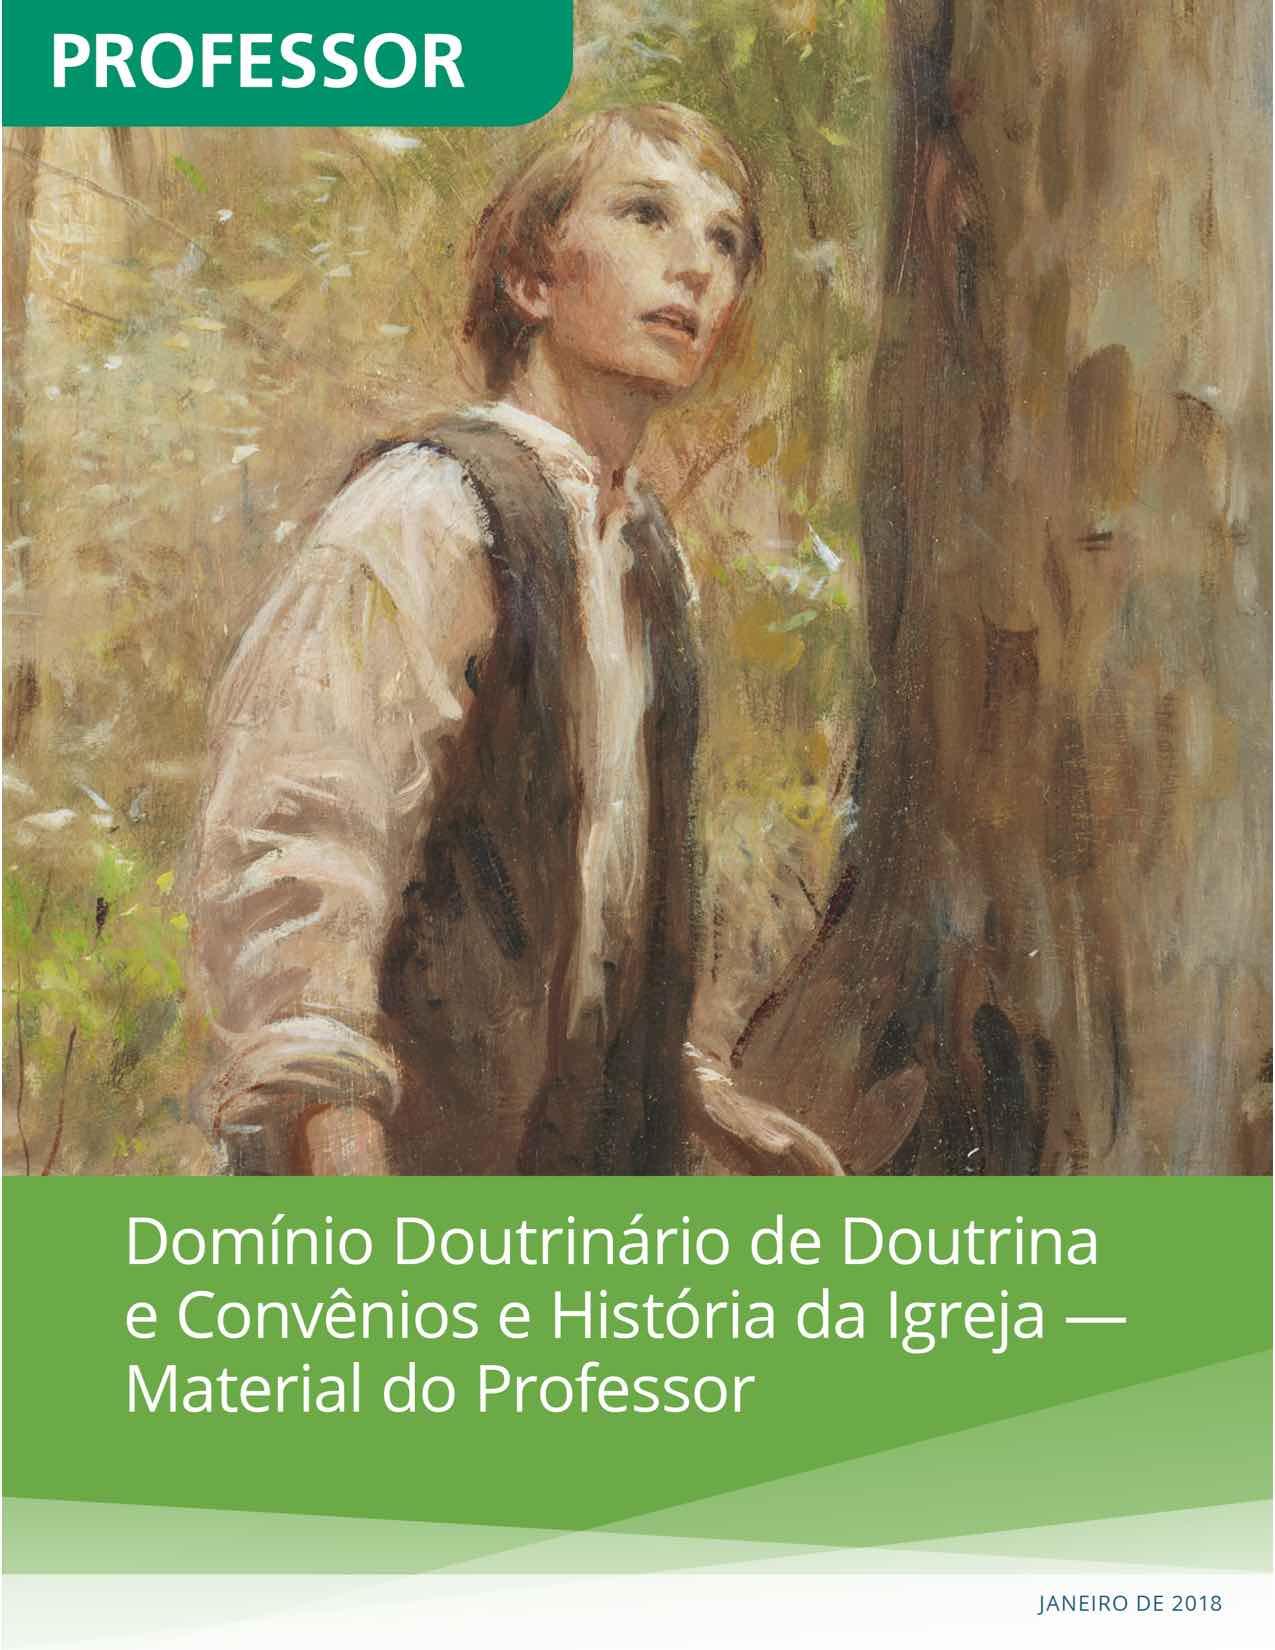 Domínio Doutrinário de Doutrina e Convênios e História da Igreja — Material do Professor